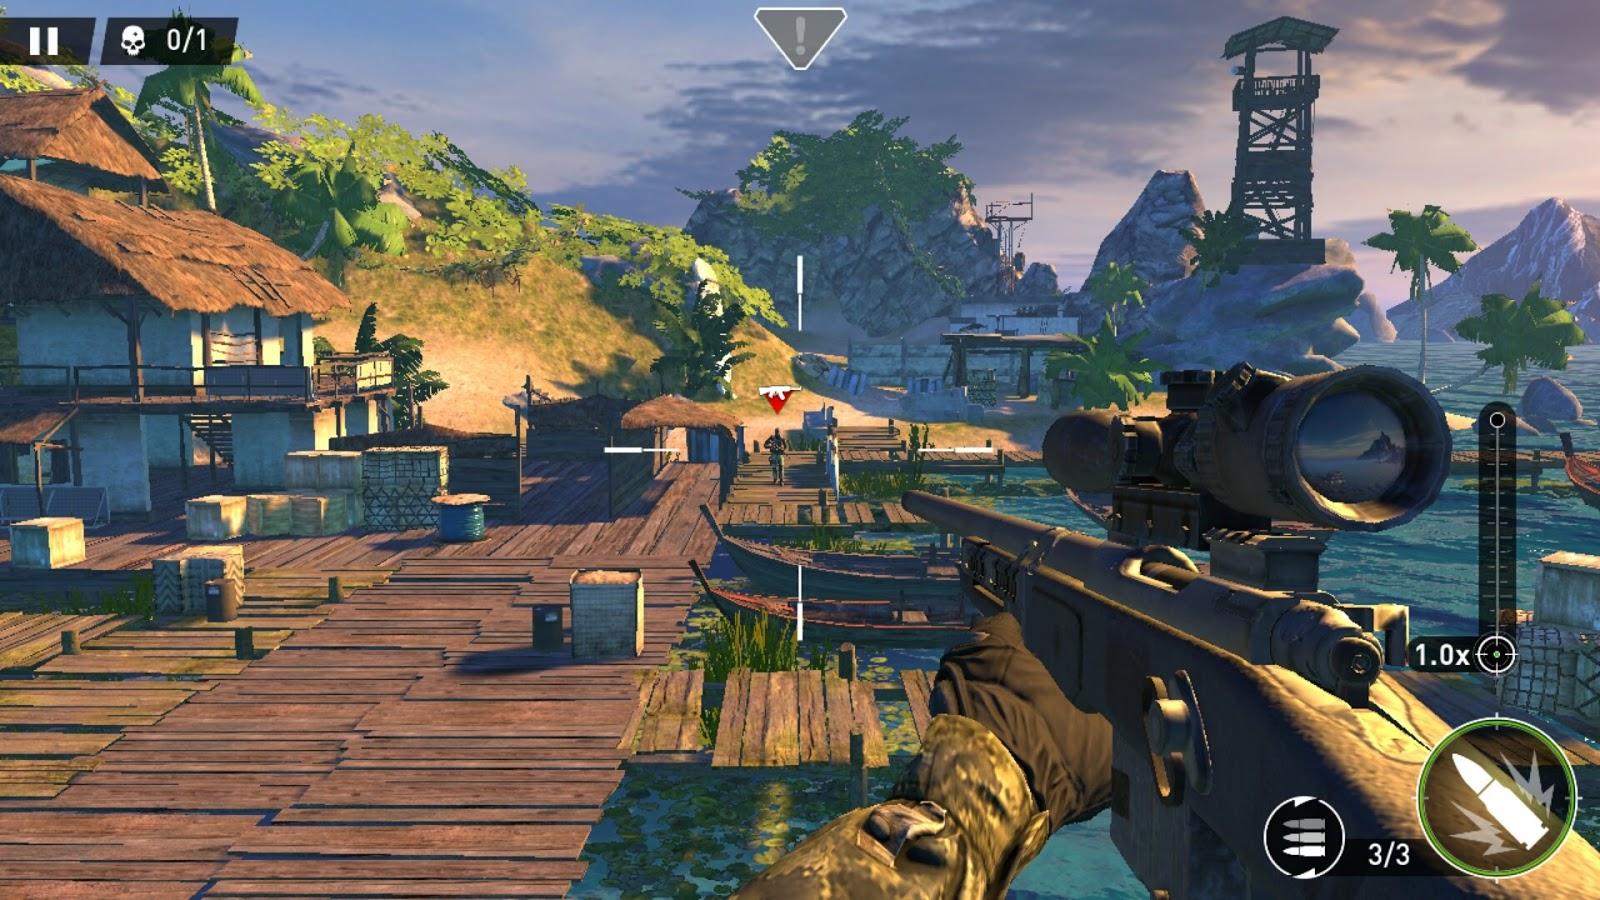 تحميل لعبة3 Sniper Ghost Warrior للأندرويد APK